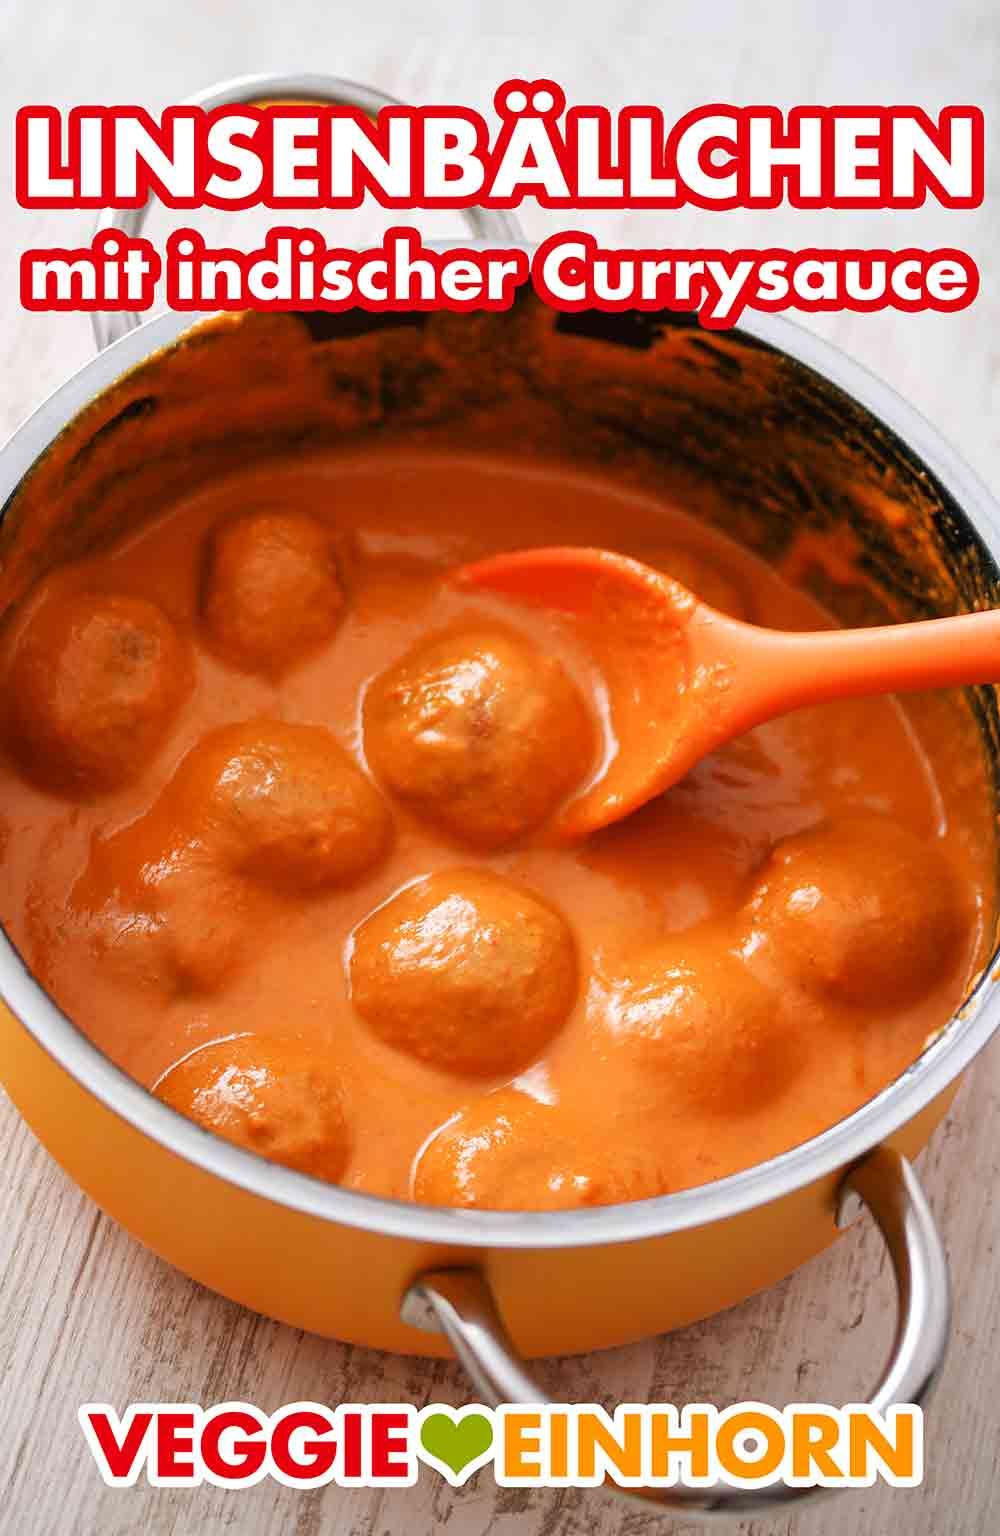 Linsenbällchen in einem Topf mit indischer Currysauce